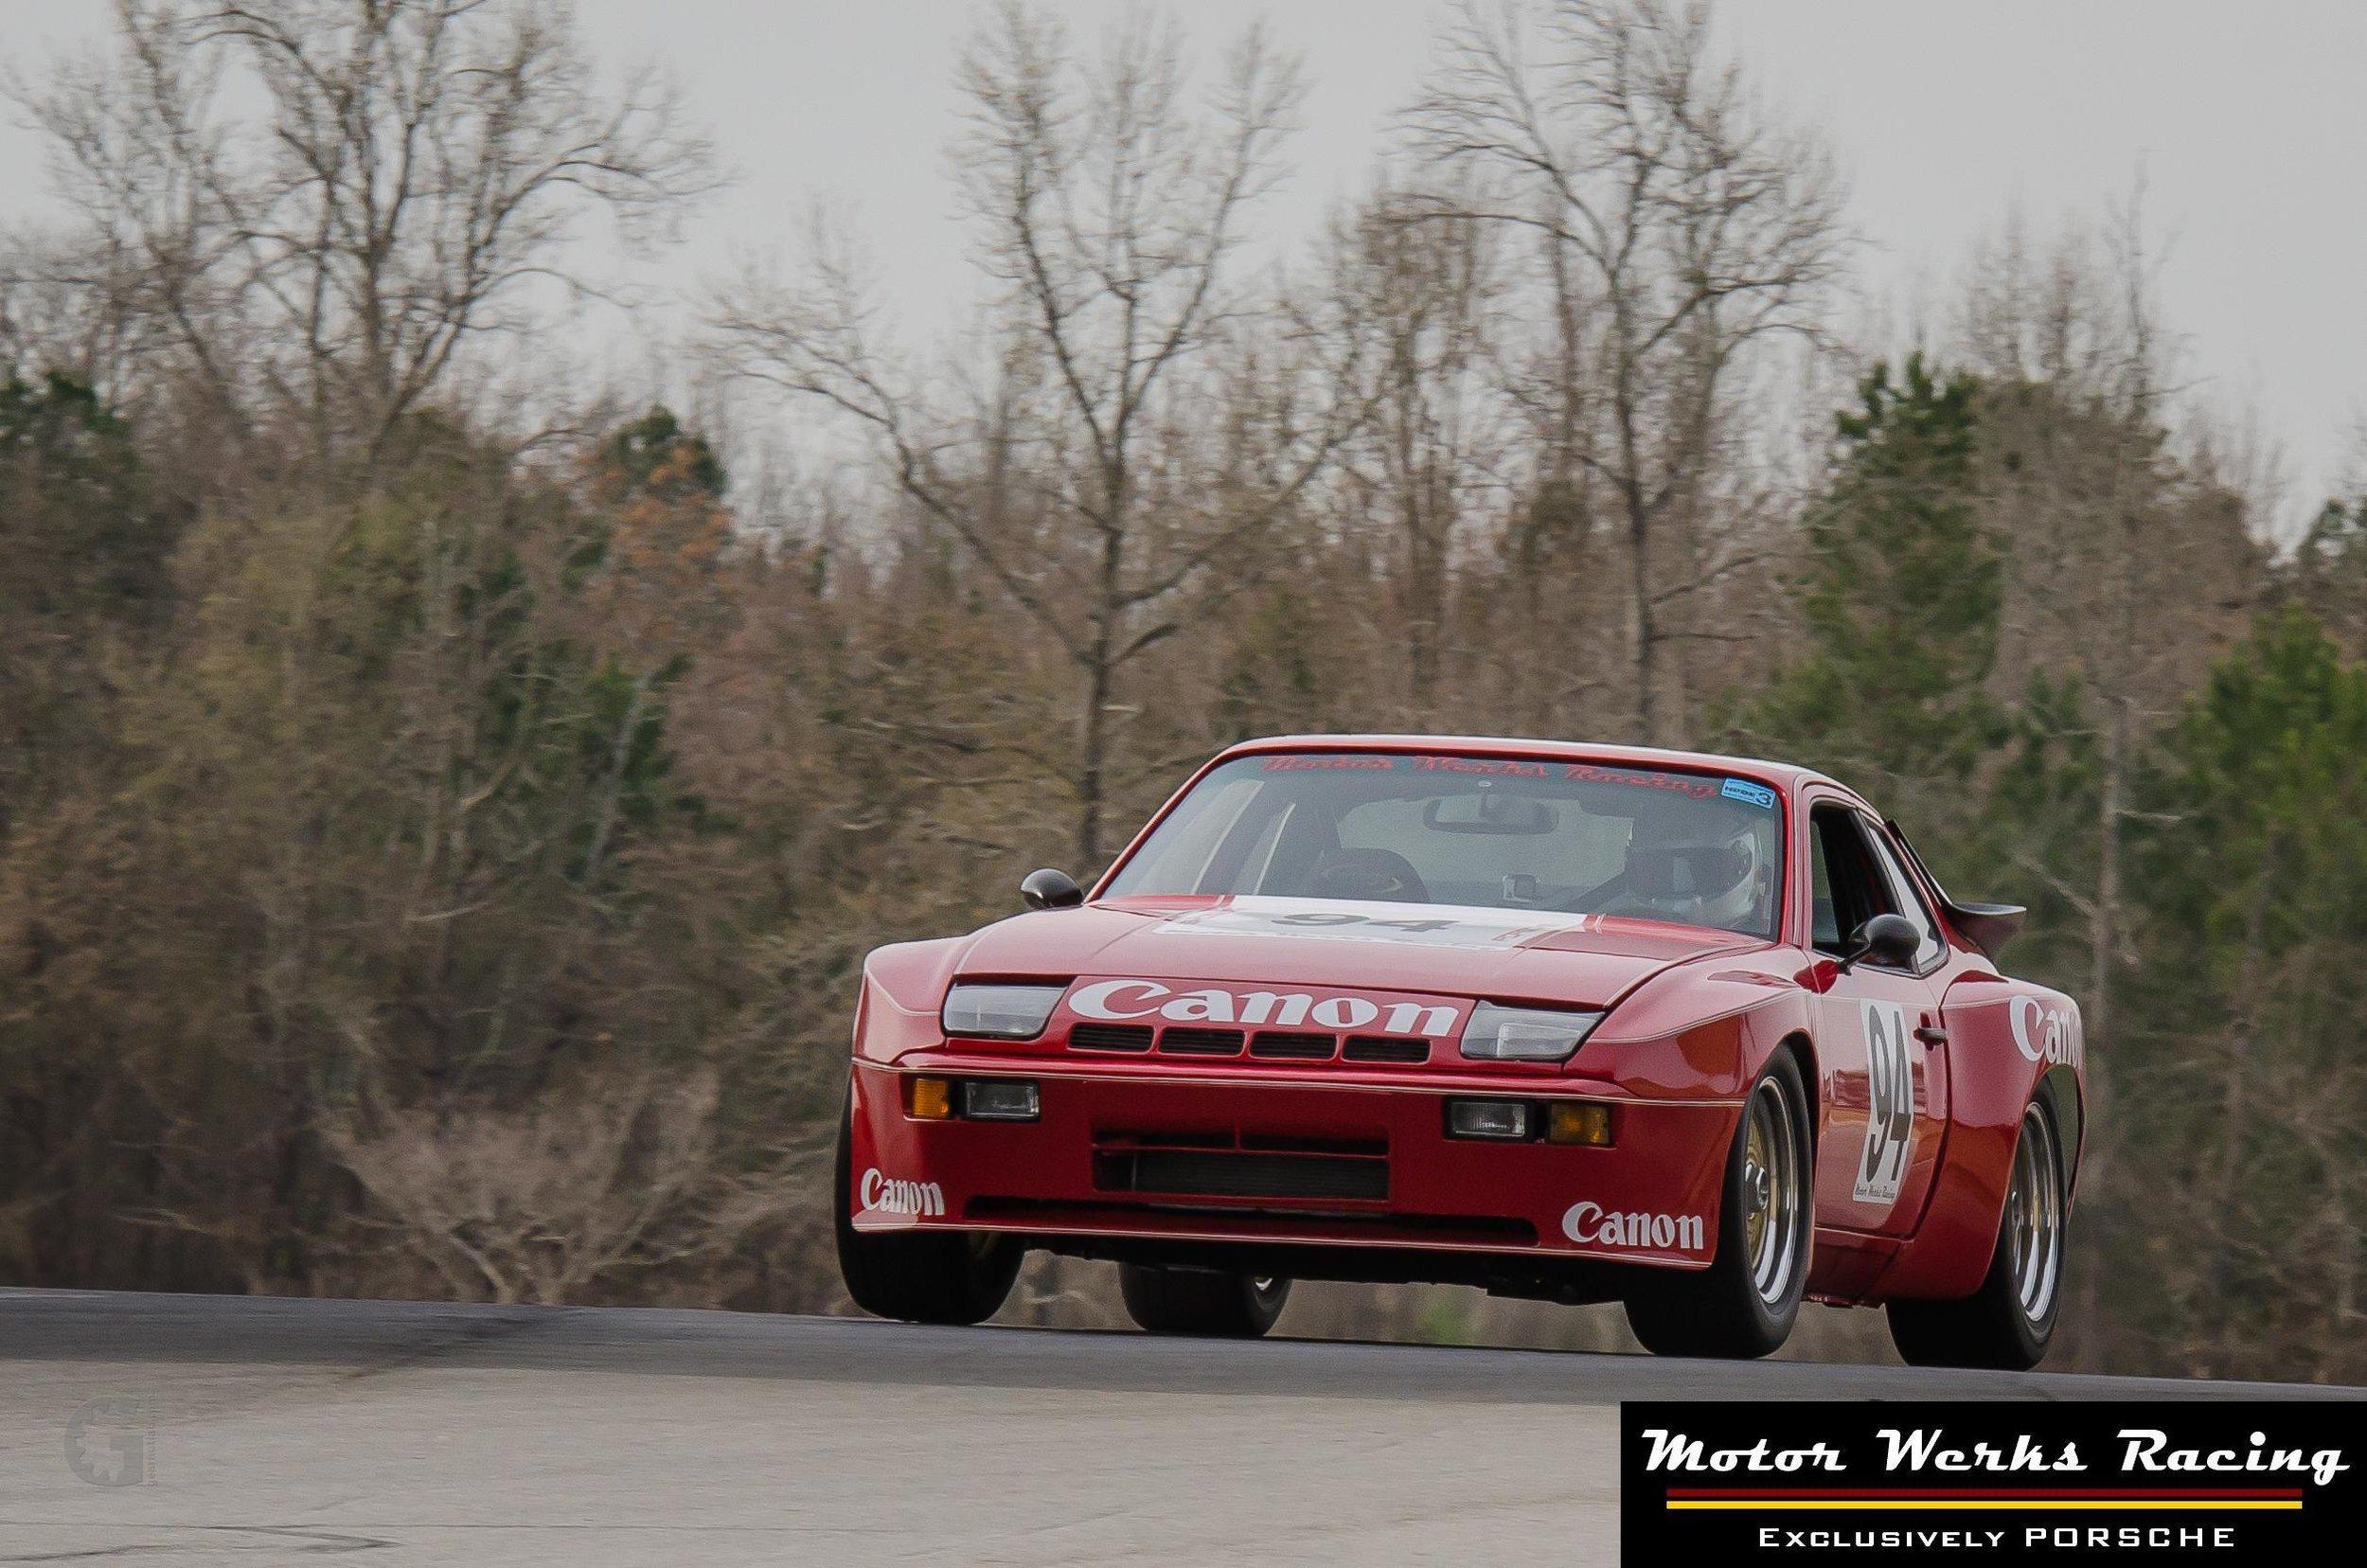 Motor Werks Racing Porsche 924 Canon Tribute